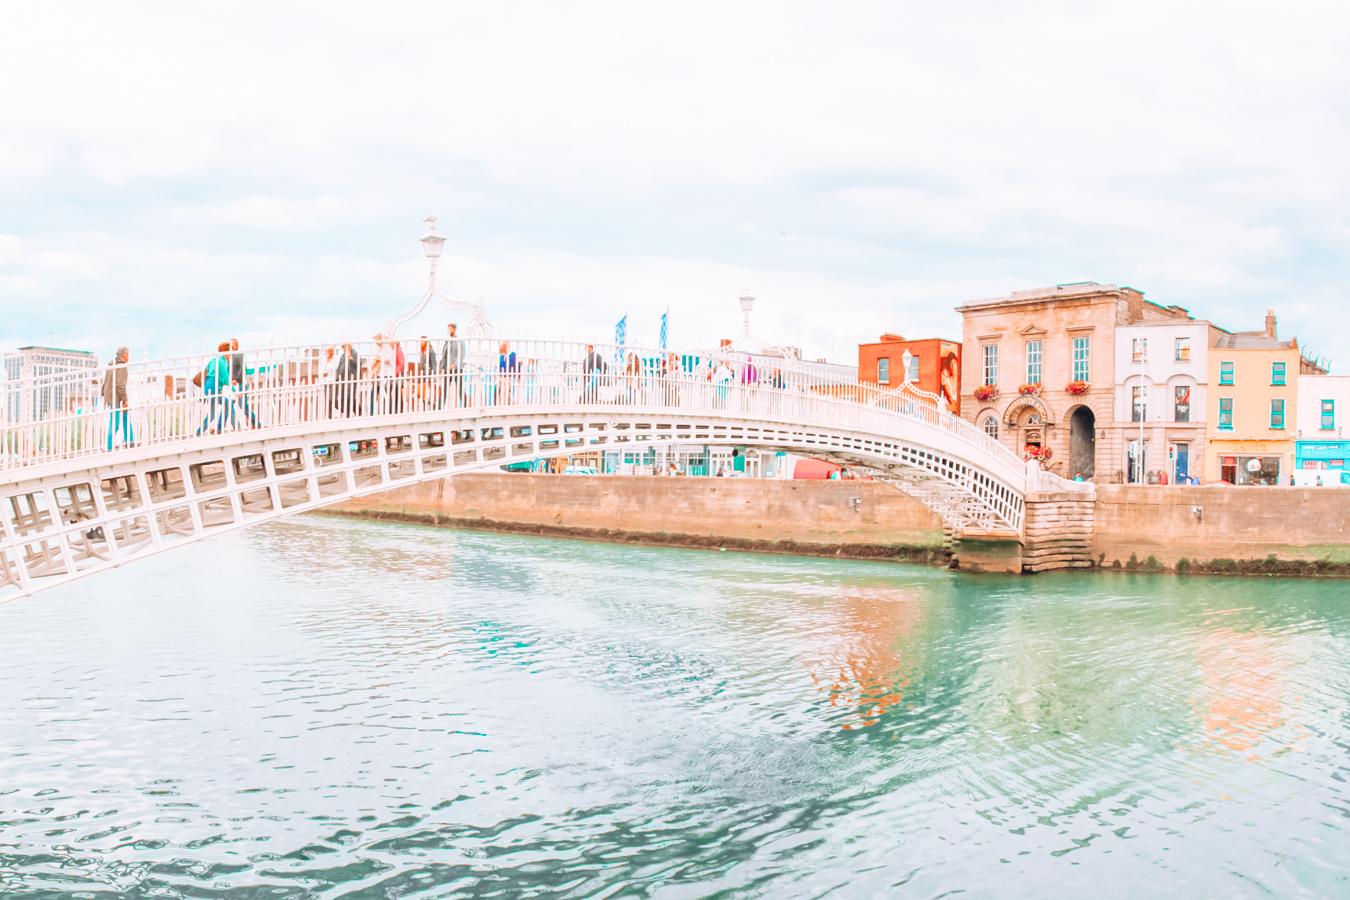 People walking on a bridge in Dublin